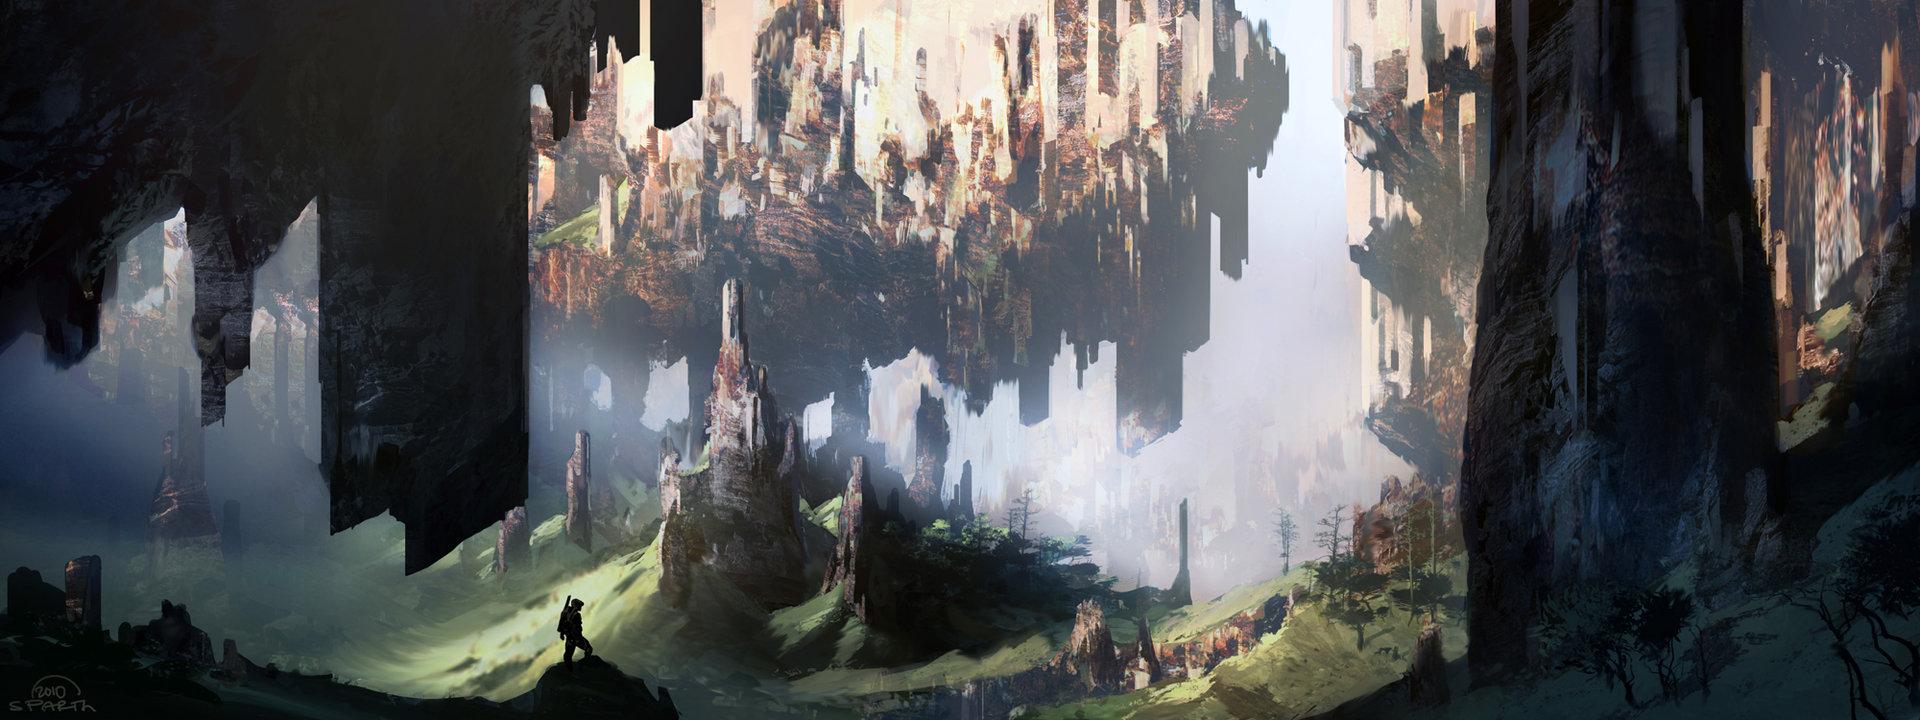 Forerunner rocks concept 02 02